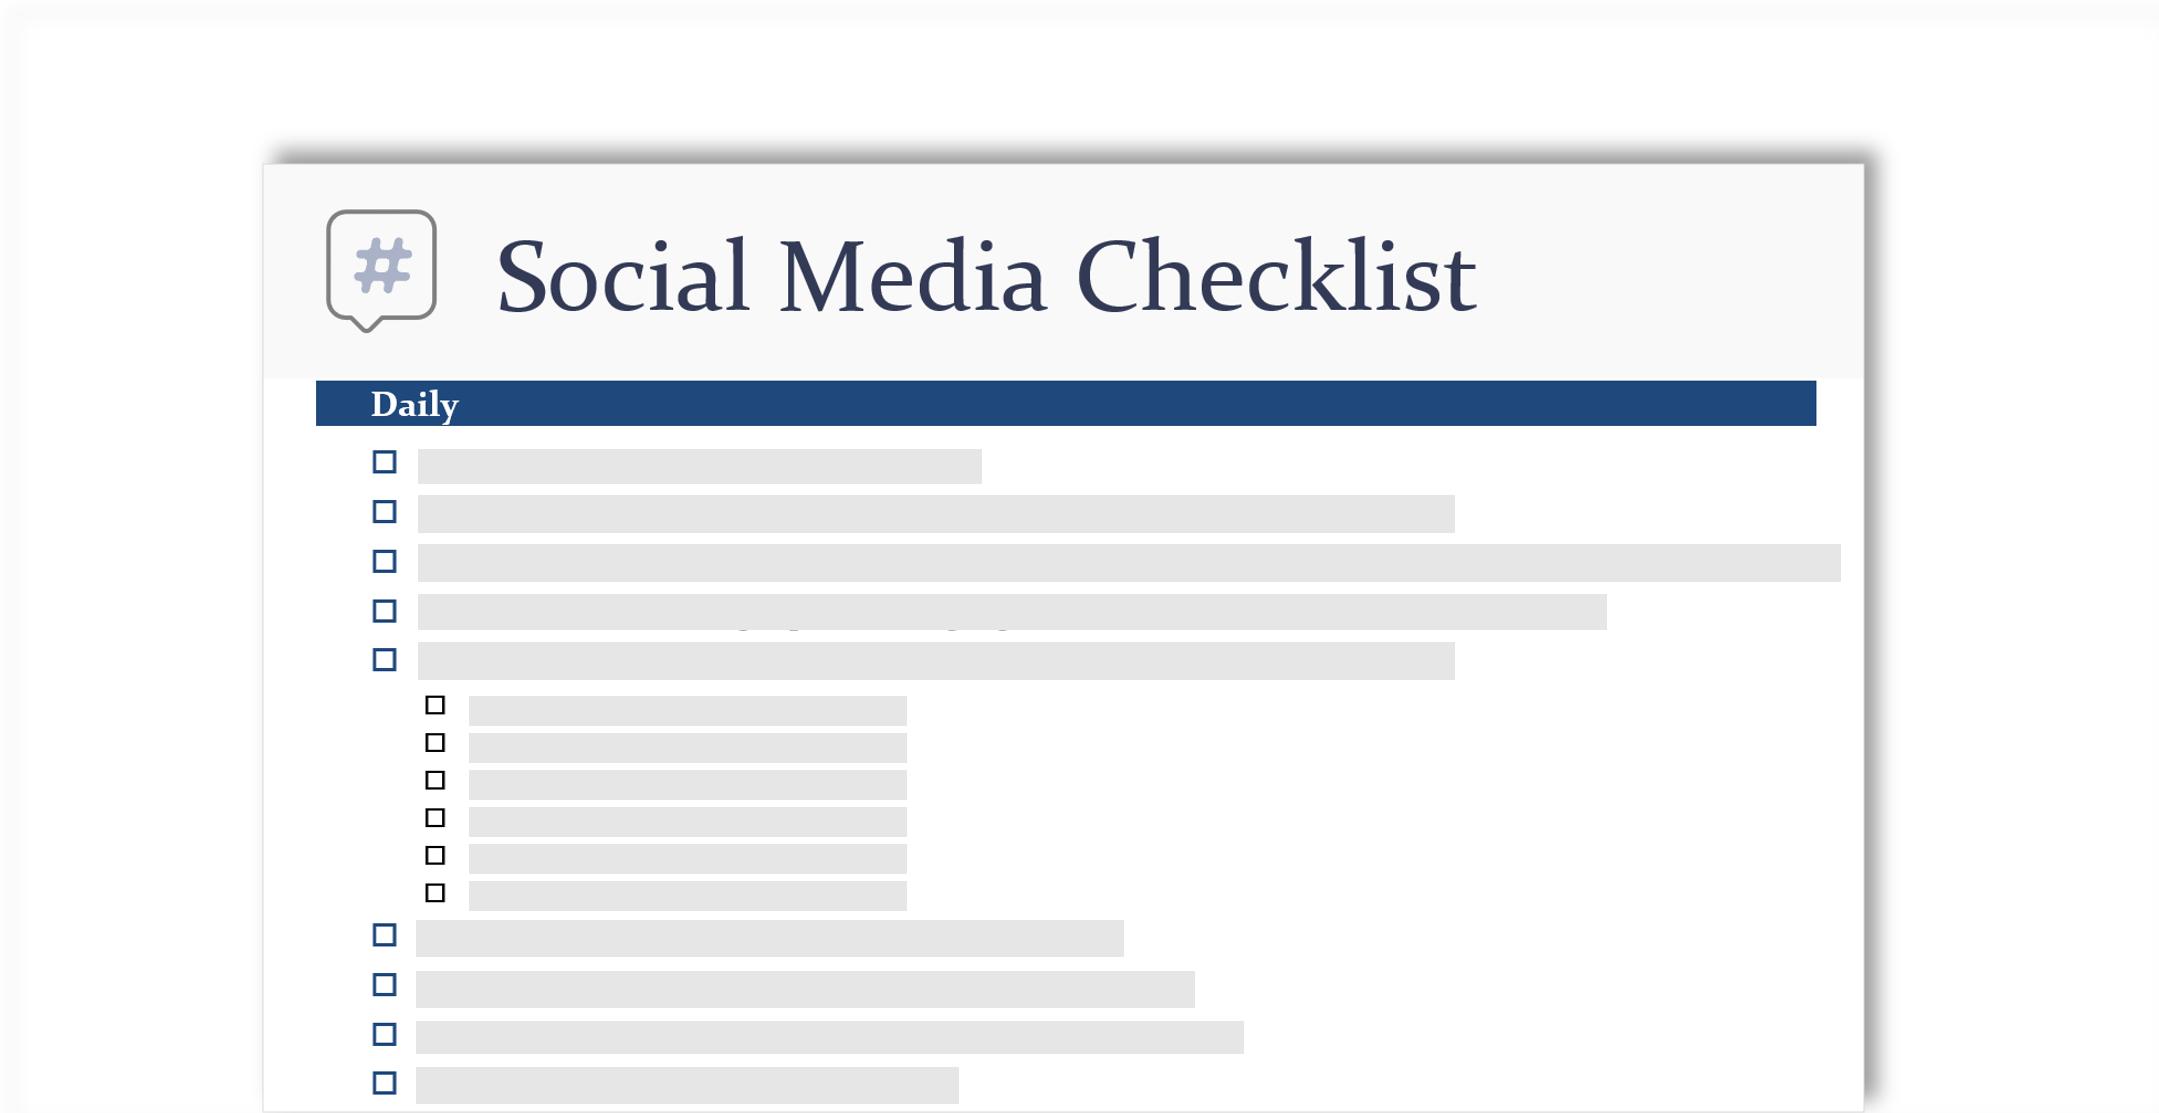 Obraz koncepcyjny przedstawiający listy kontrolnej społecznościowych